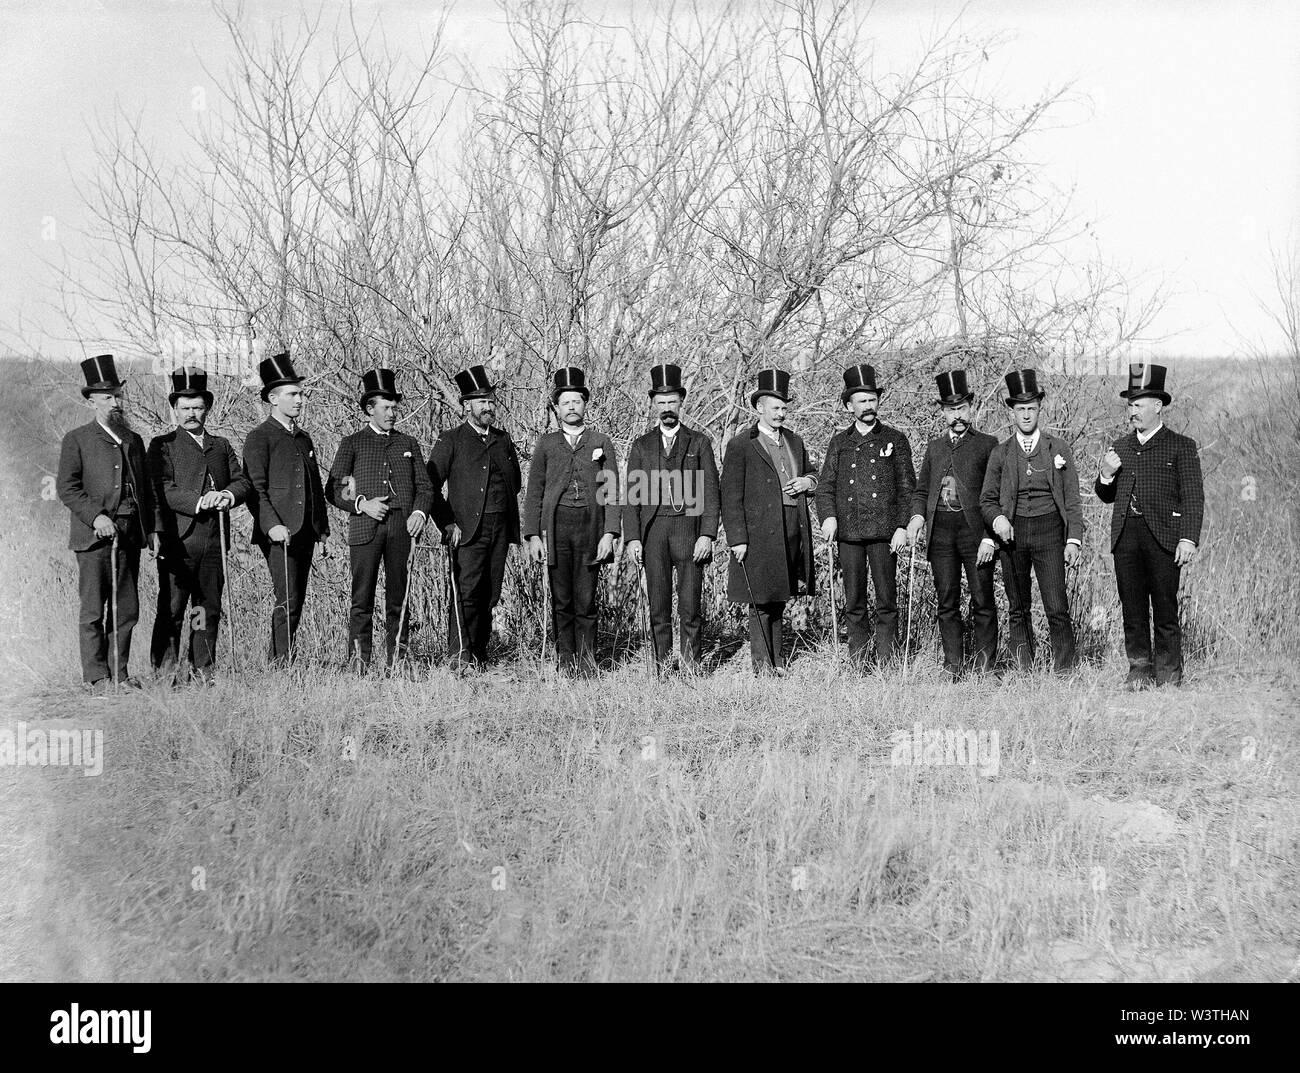 Grupo de demócratas en el tapón negro de seda sombreros durante la campaña presidencial de Grover Cleveland, Full-Length retrato, Mason City, Nebraska, Estados Unidos, Fotografía por Solomon D. Butcher, 1888 Imagen De Stock